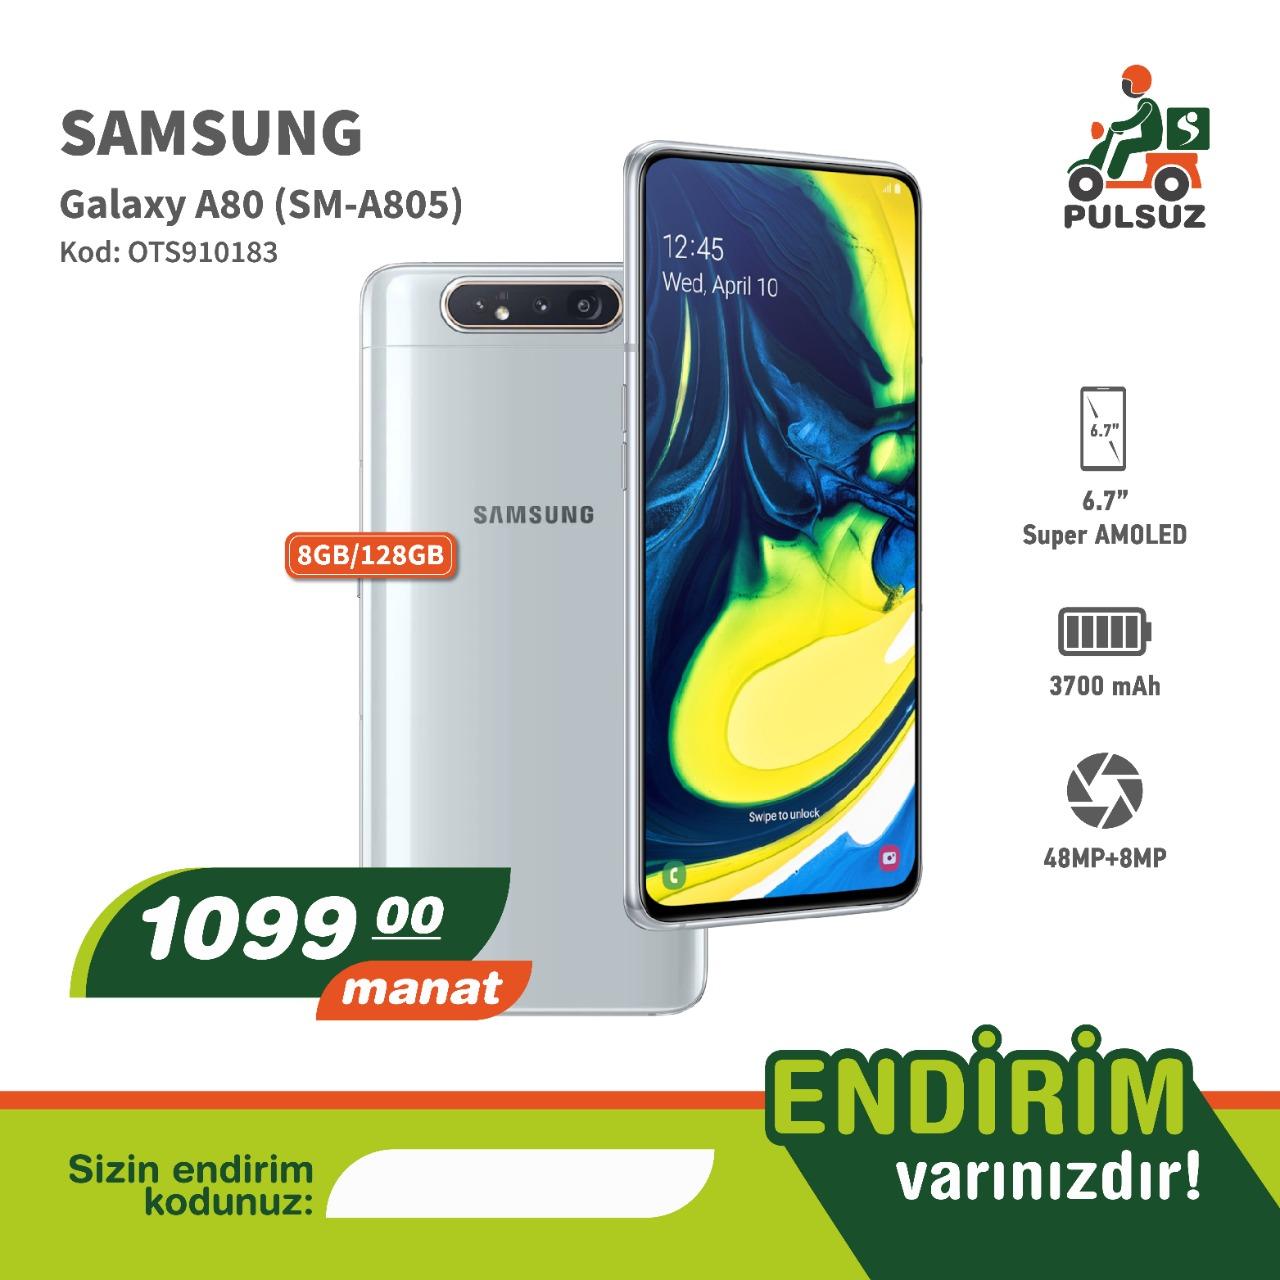 Samsung A80 1 Kartlada ala bilərsiz